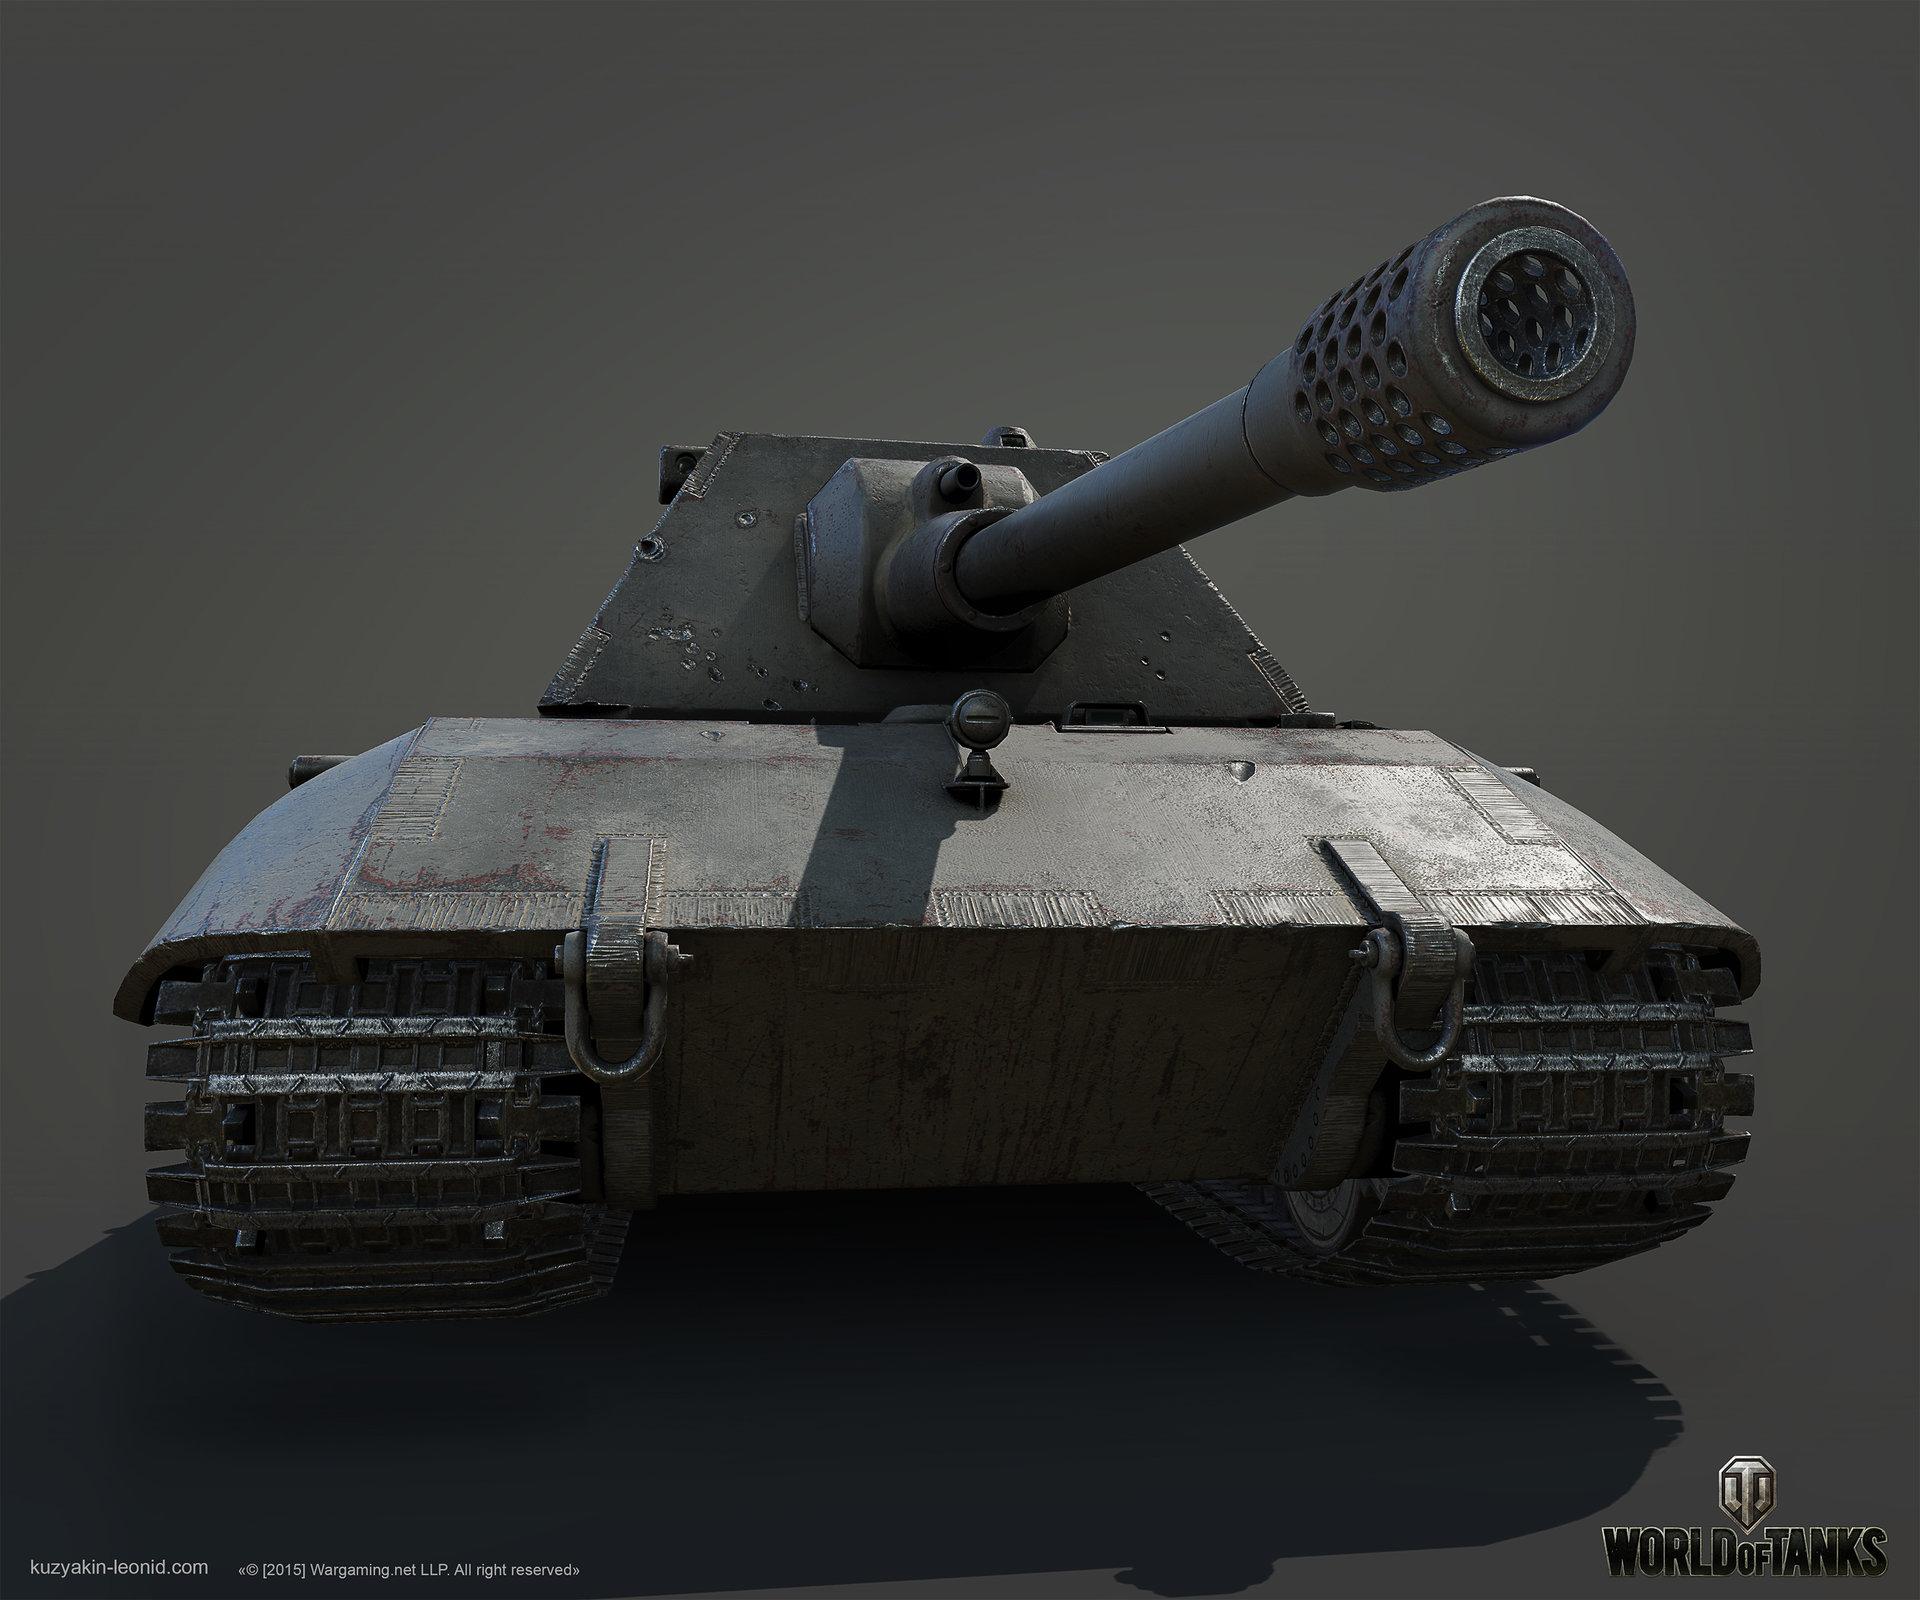 ArtStation - E100 German heavy tank, Leonid Kuzyakin